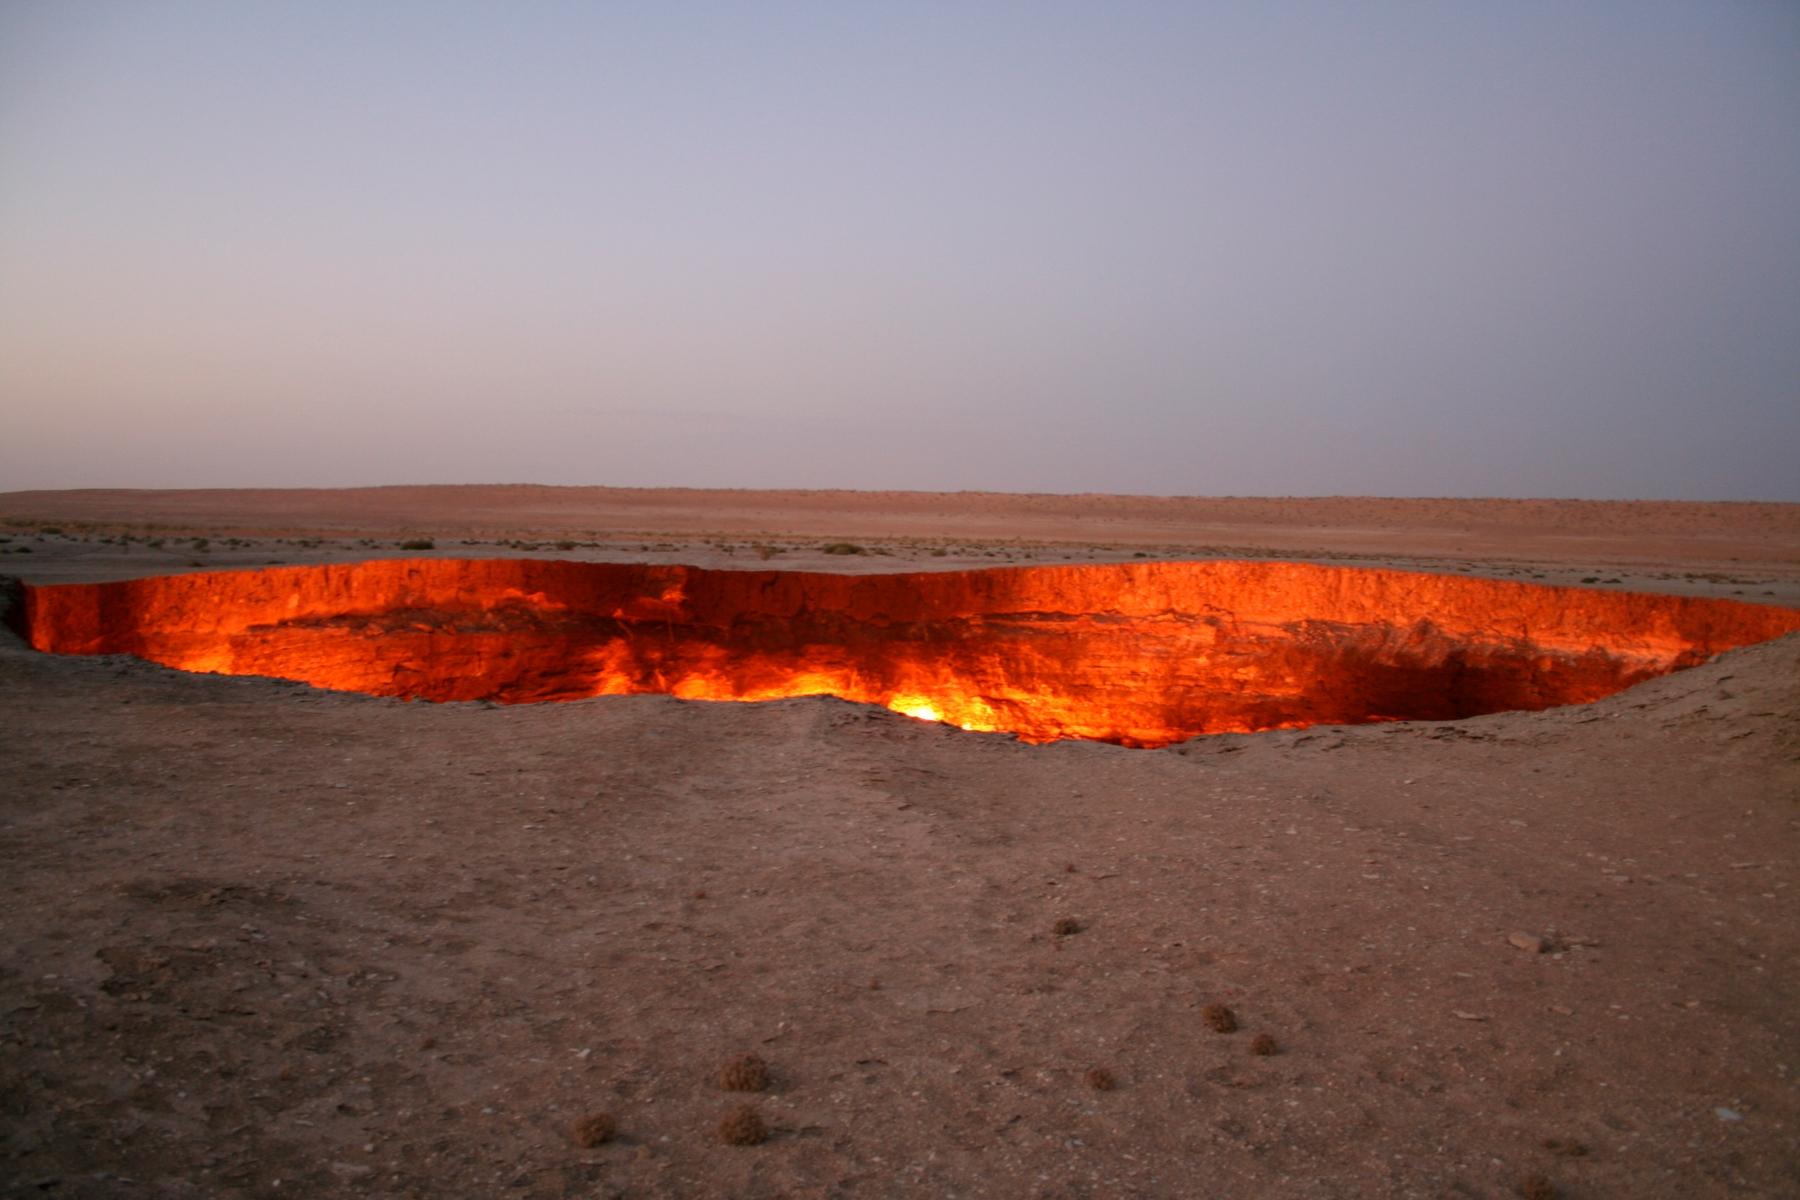 Огненная дыра, также известная как Врата ада, в Туркменистане. Удивительные места, как это, привлекают туристов со всех концов мира.